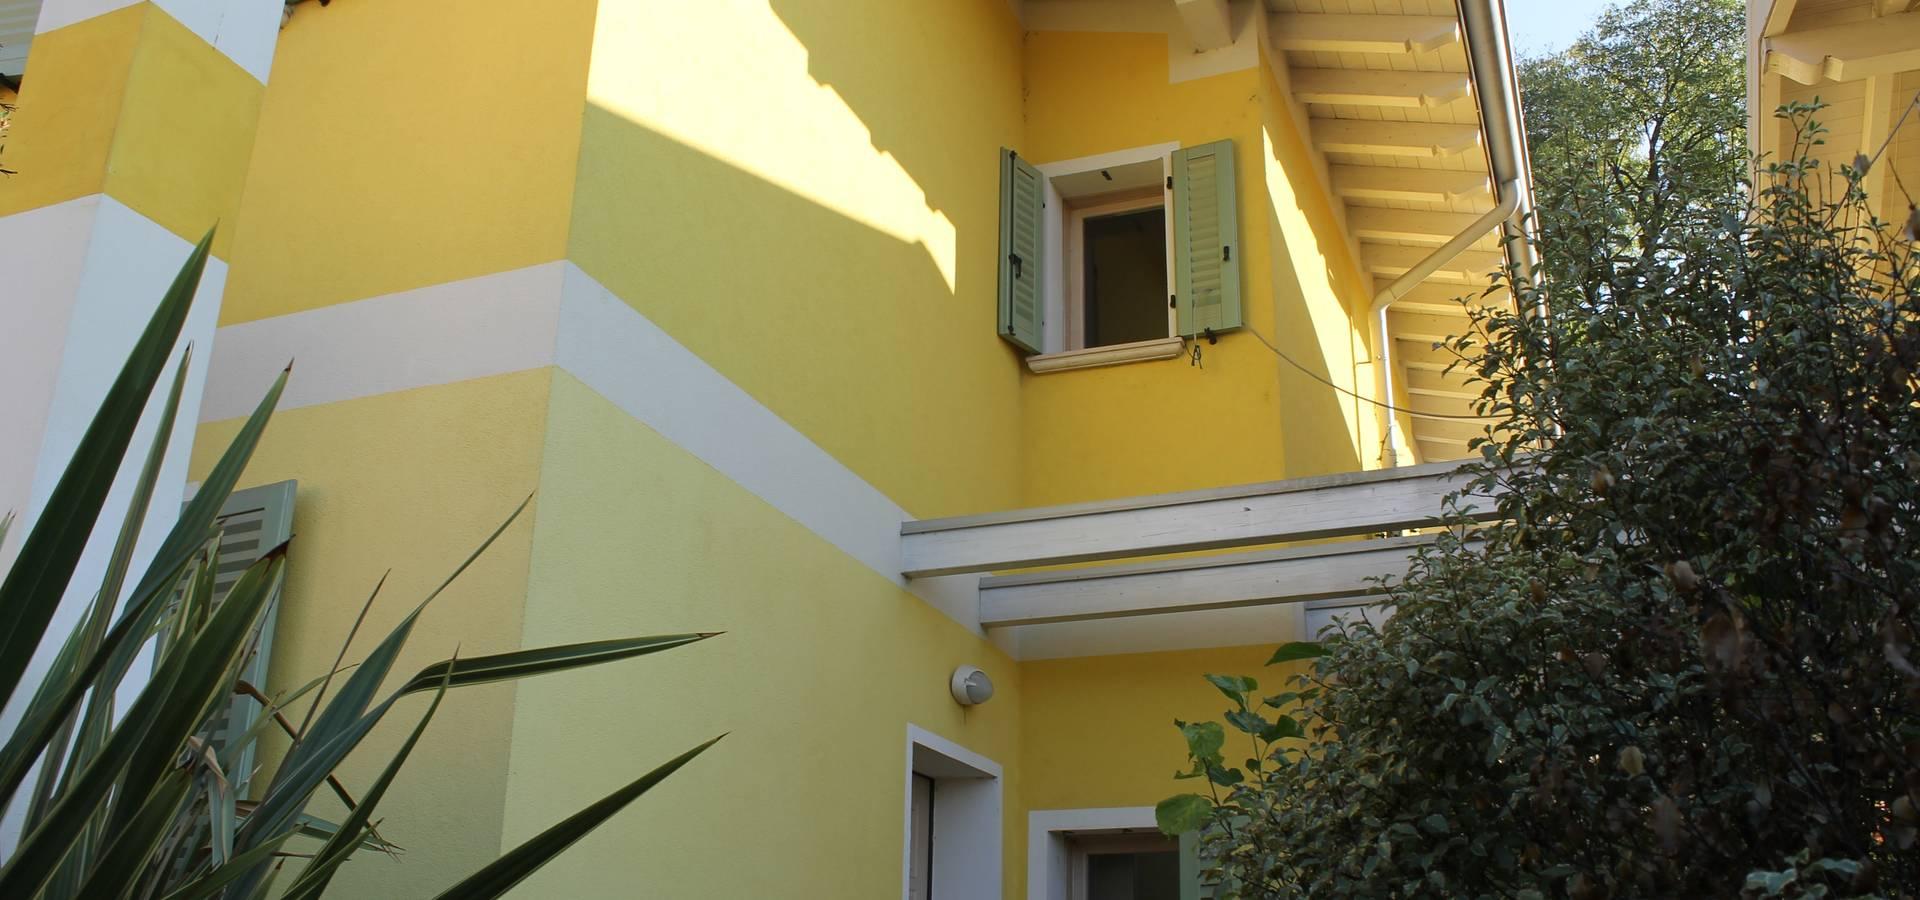 bonora immobiliare